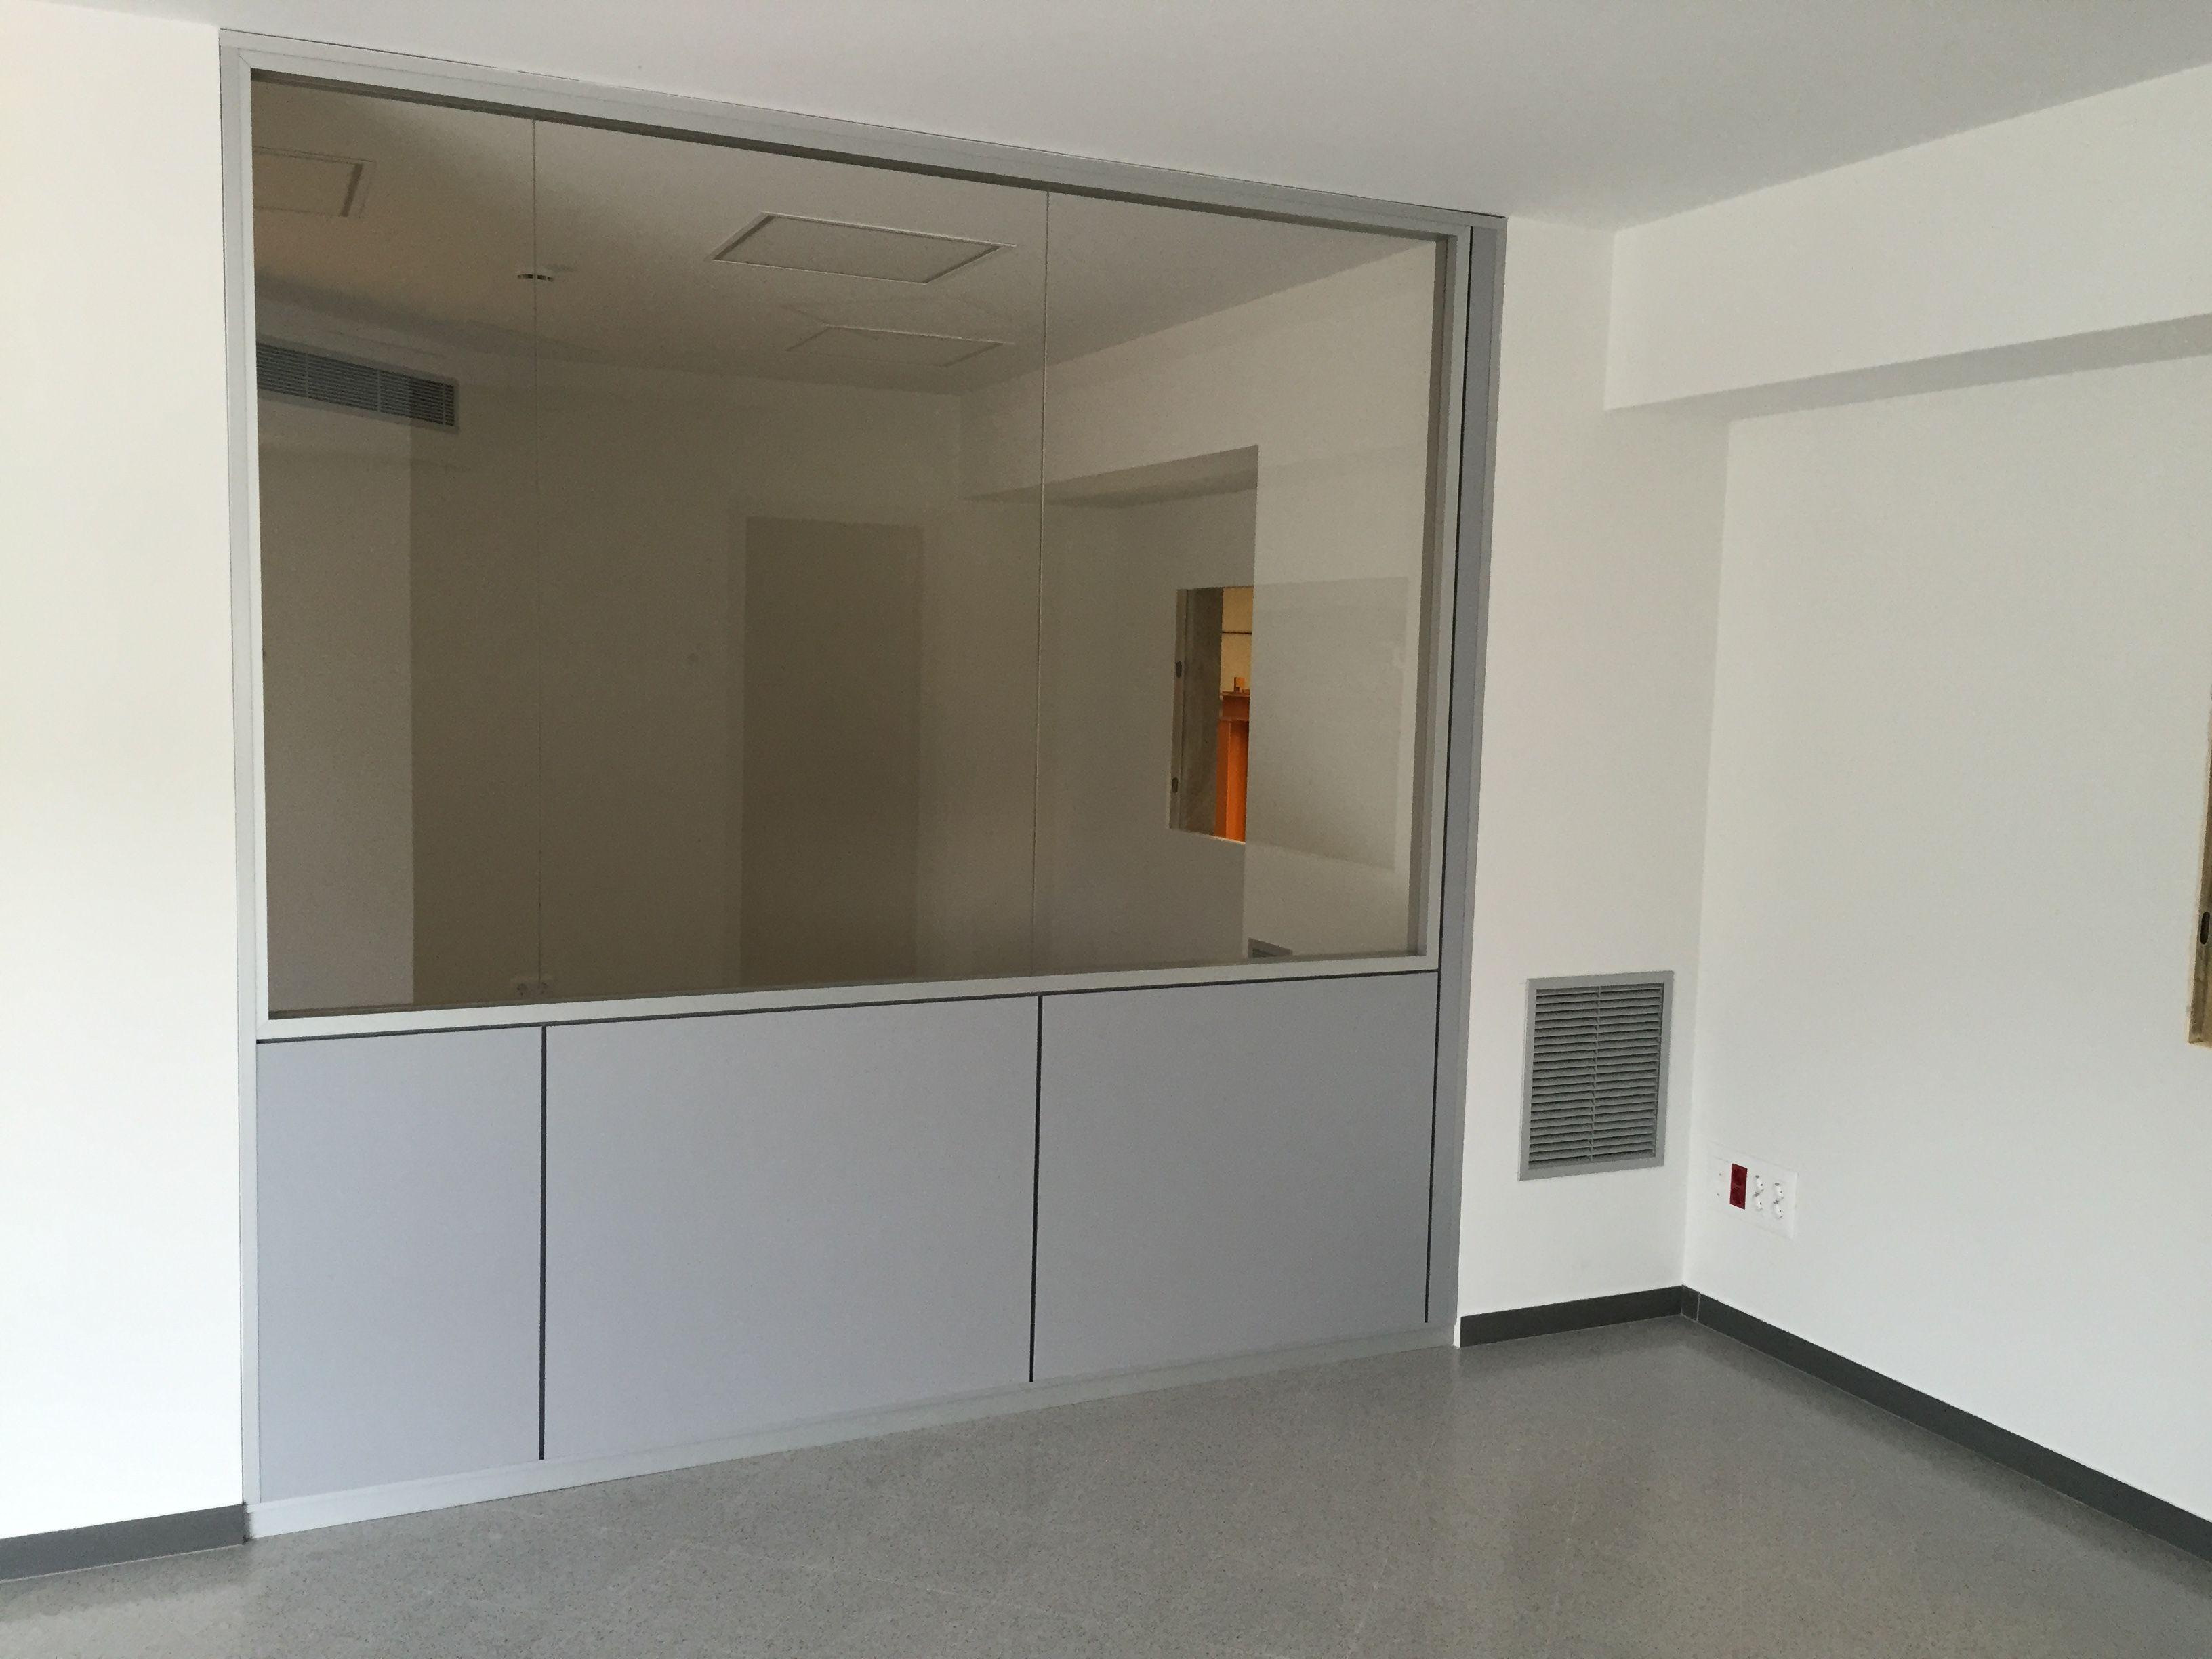 Foto 66 de Carpintería de aluminio, metálica y PVC en Terrassa | Tancaments Cusidó